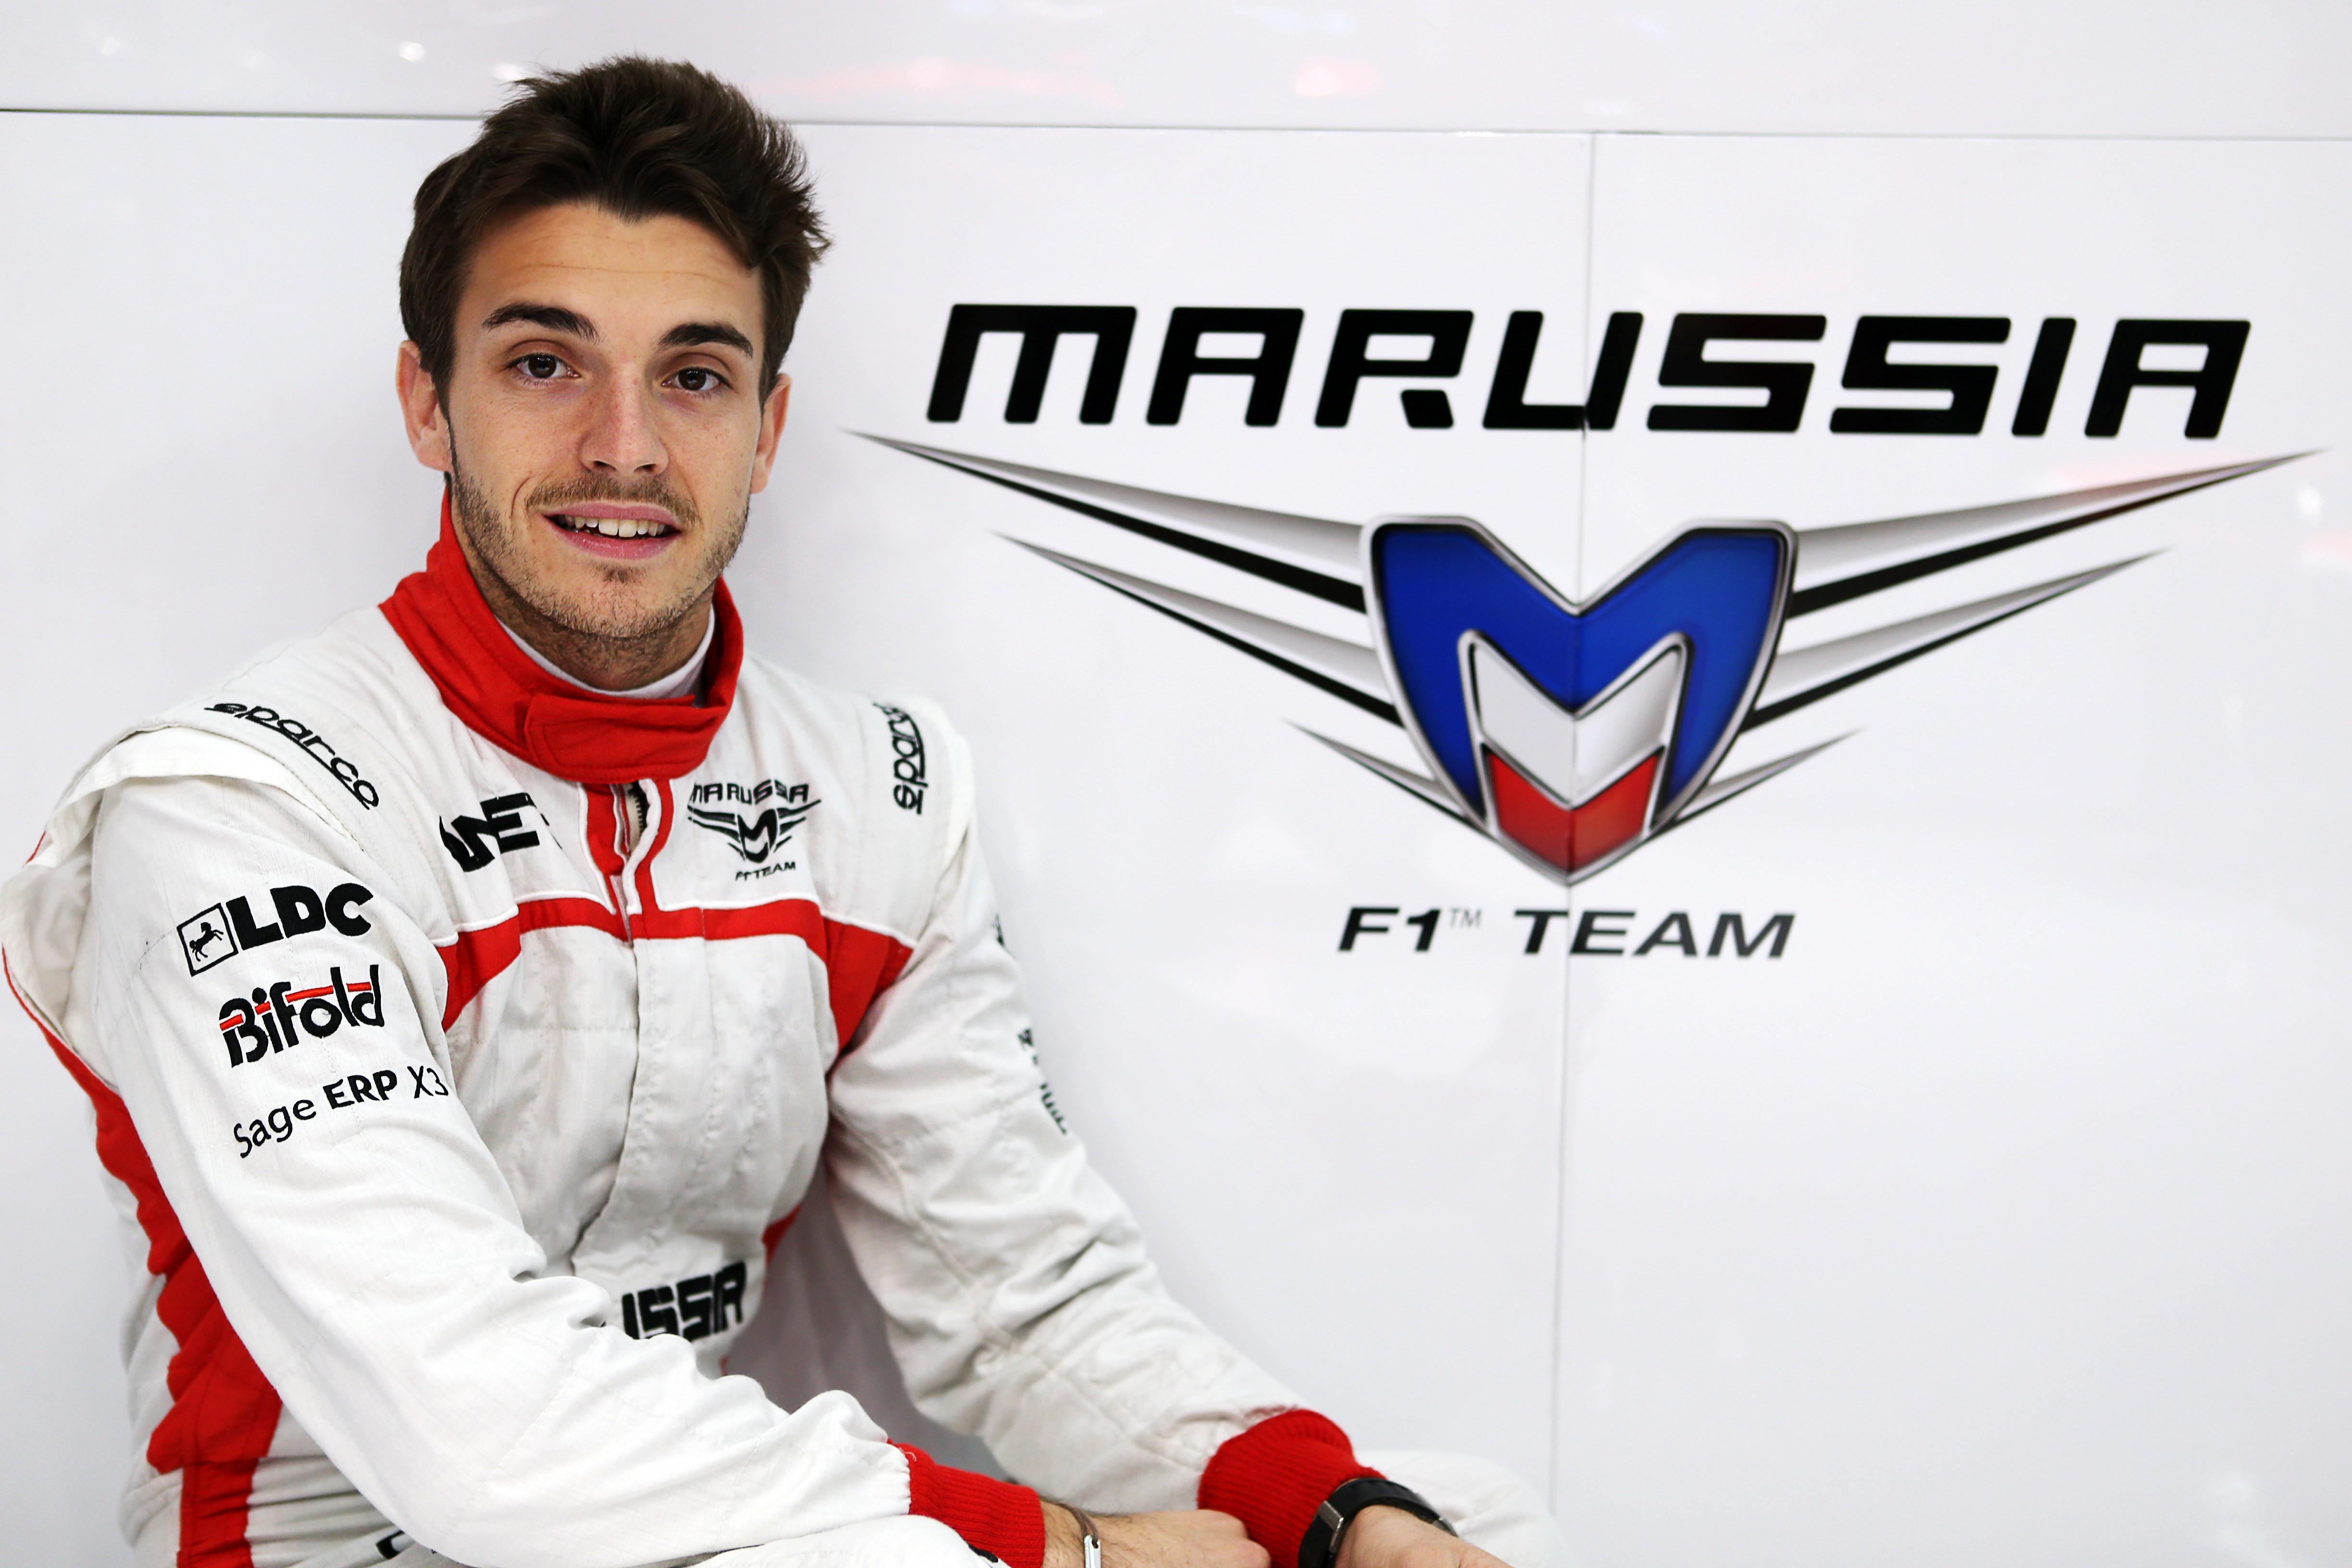 F1 : Jules Bianchi a été rapatrié en France